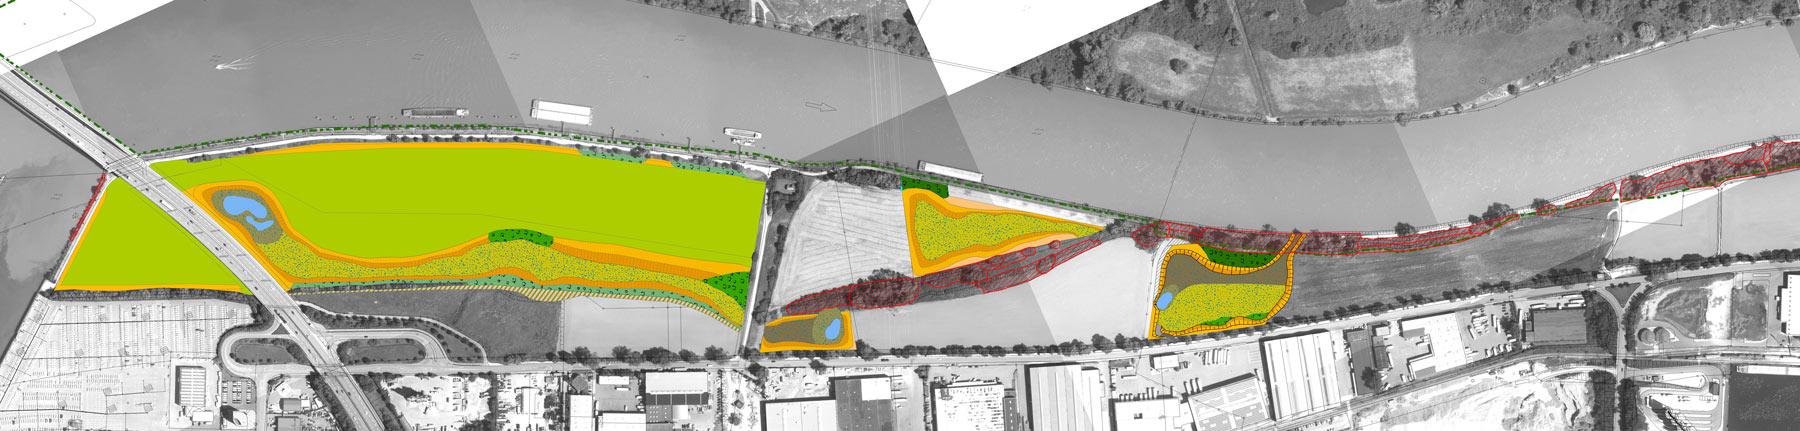 Konzeptentwurf von Bosch & Partner zu Zielbiotopen für das Ökokonto Regensburg